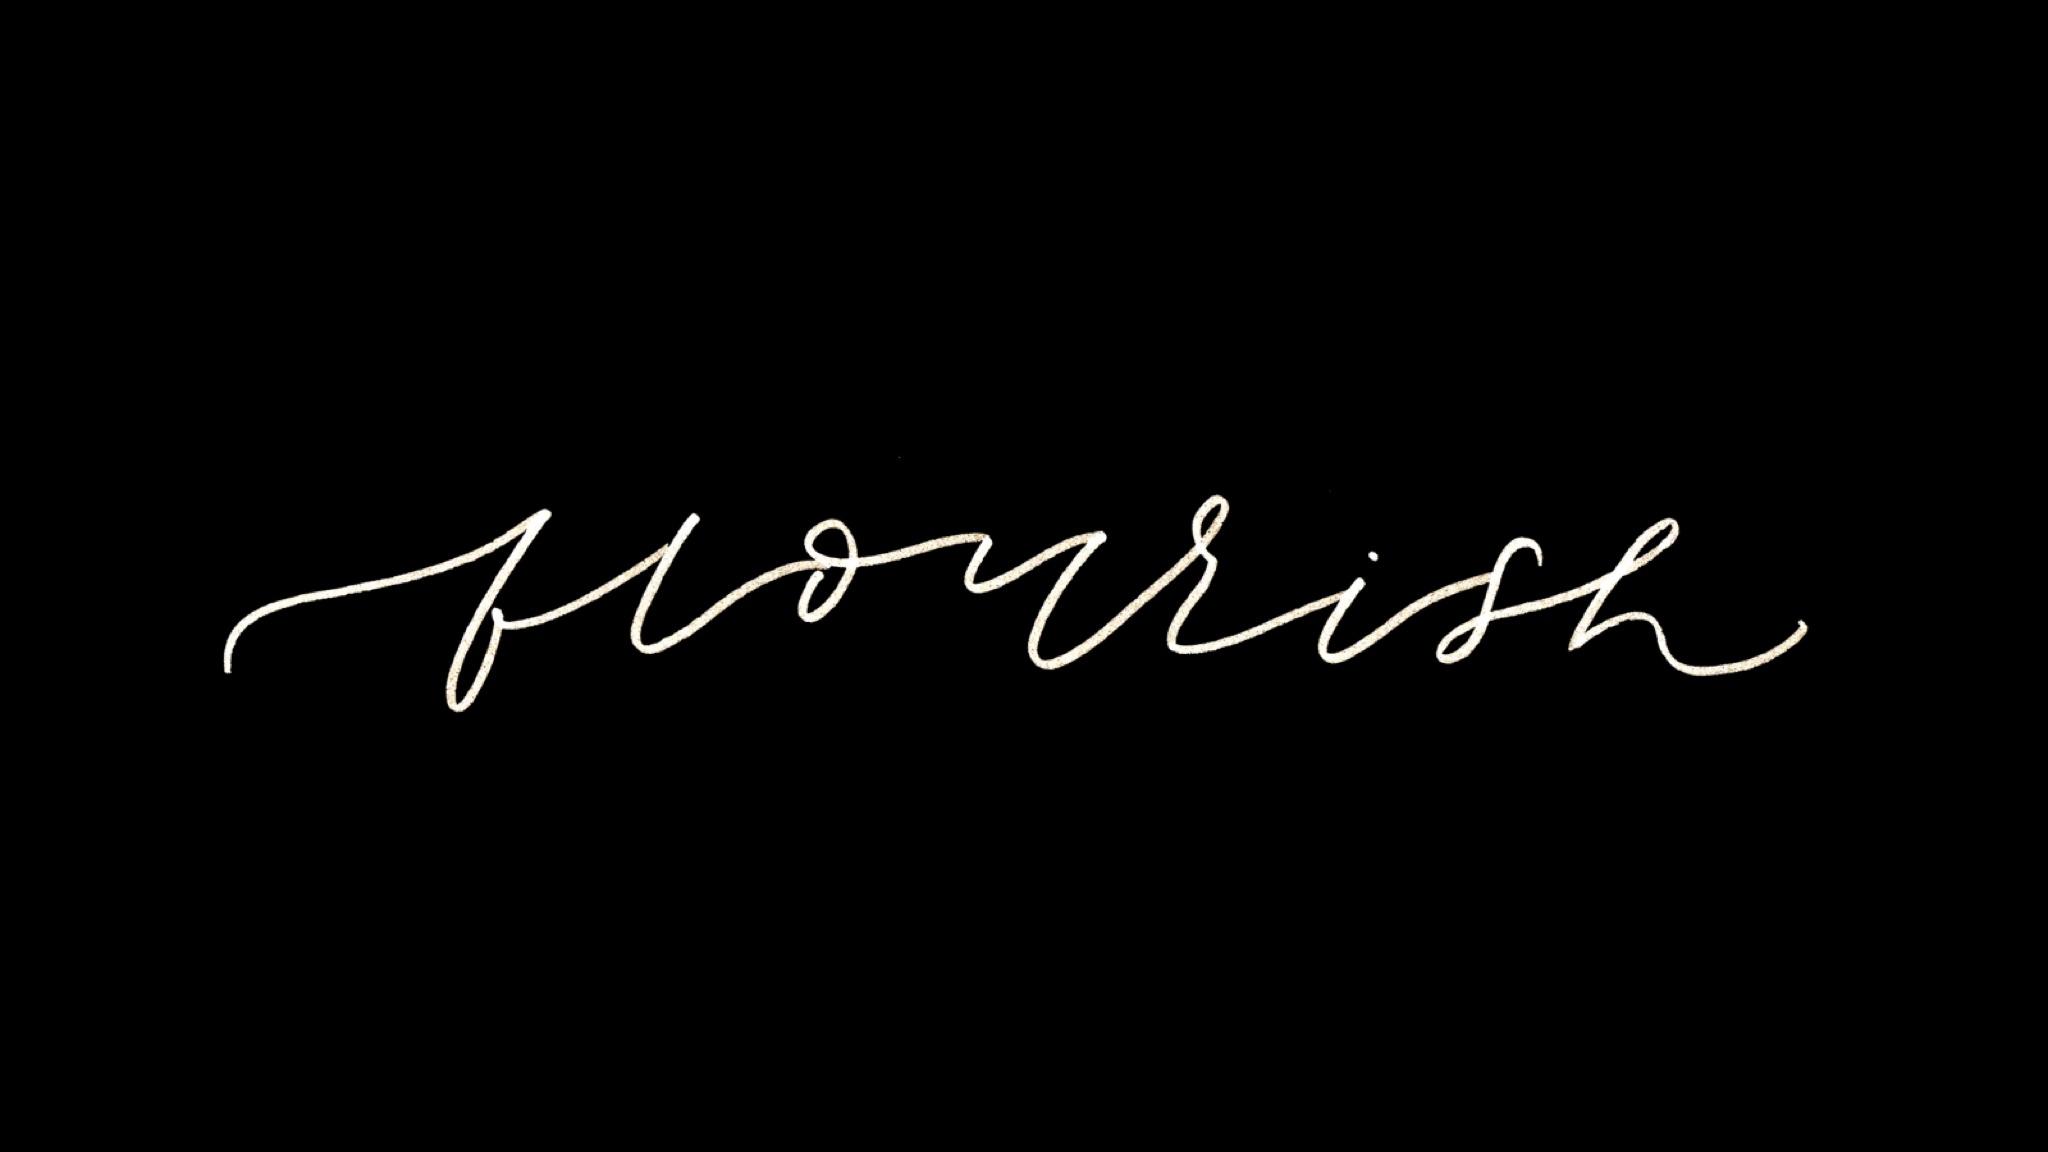 flourishlogo.jpg